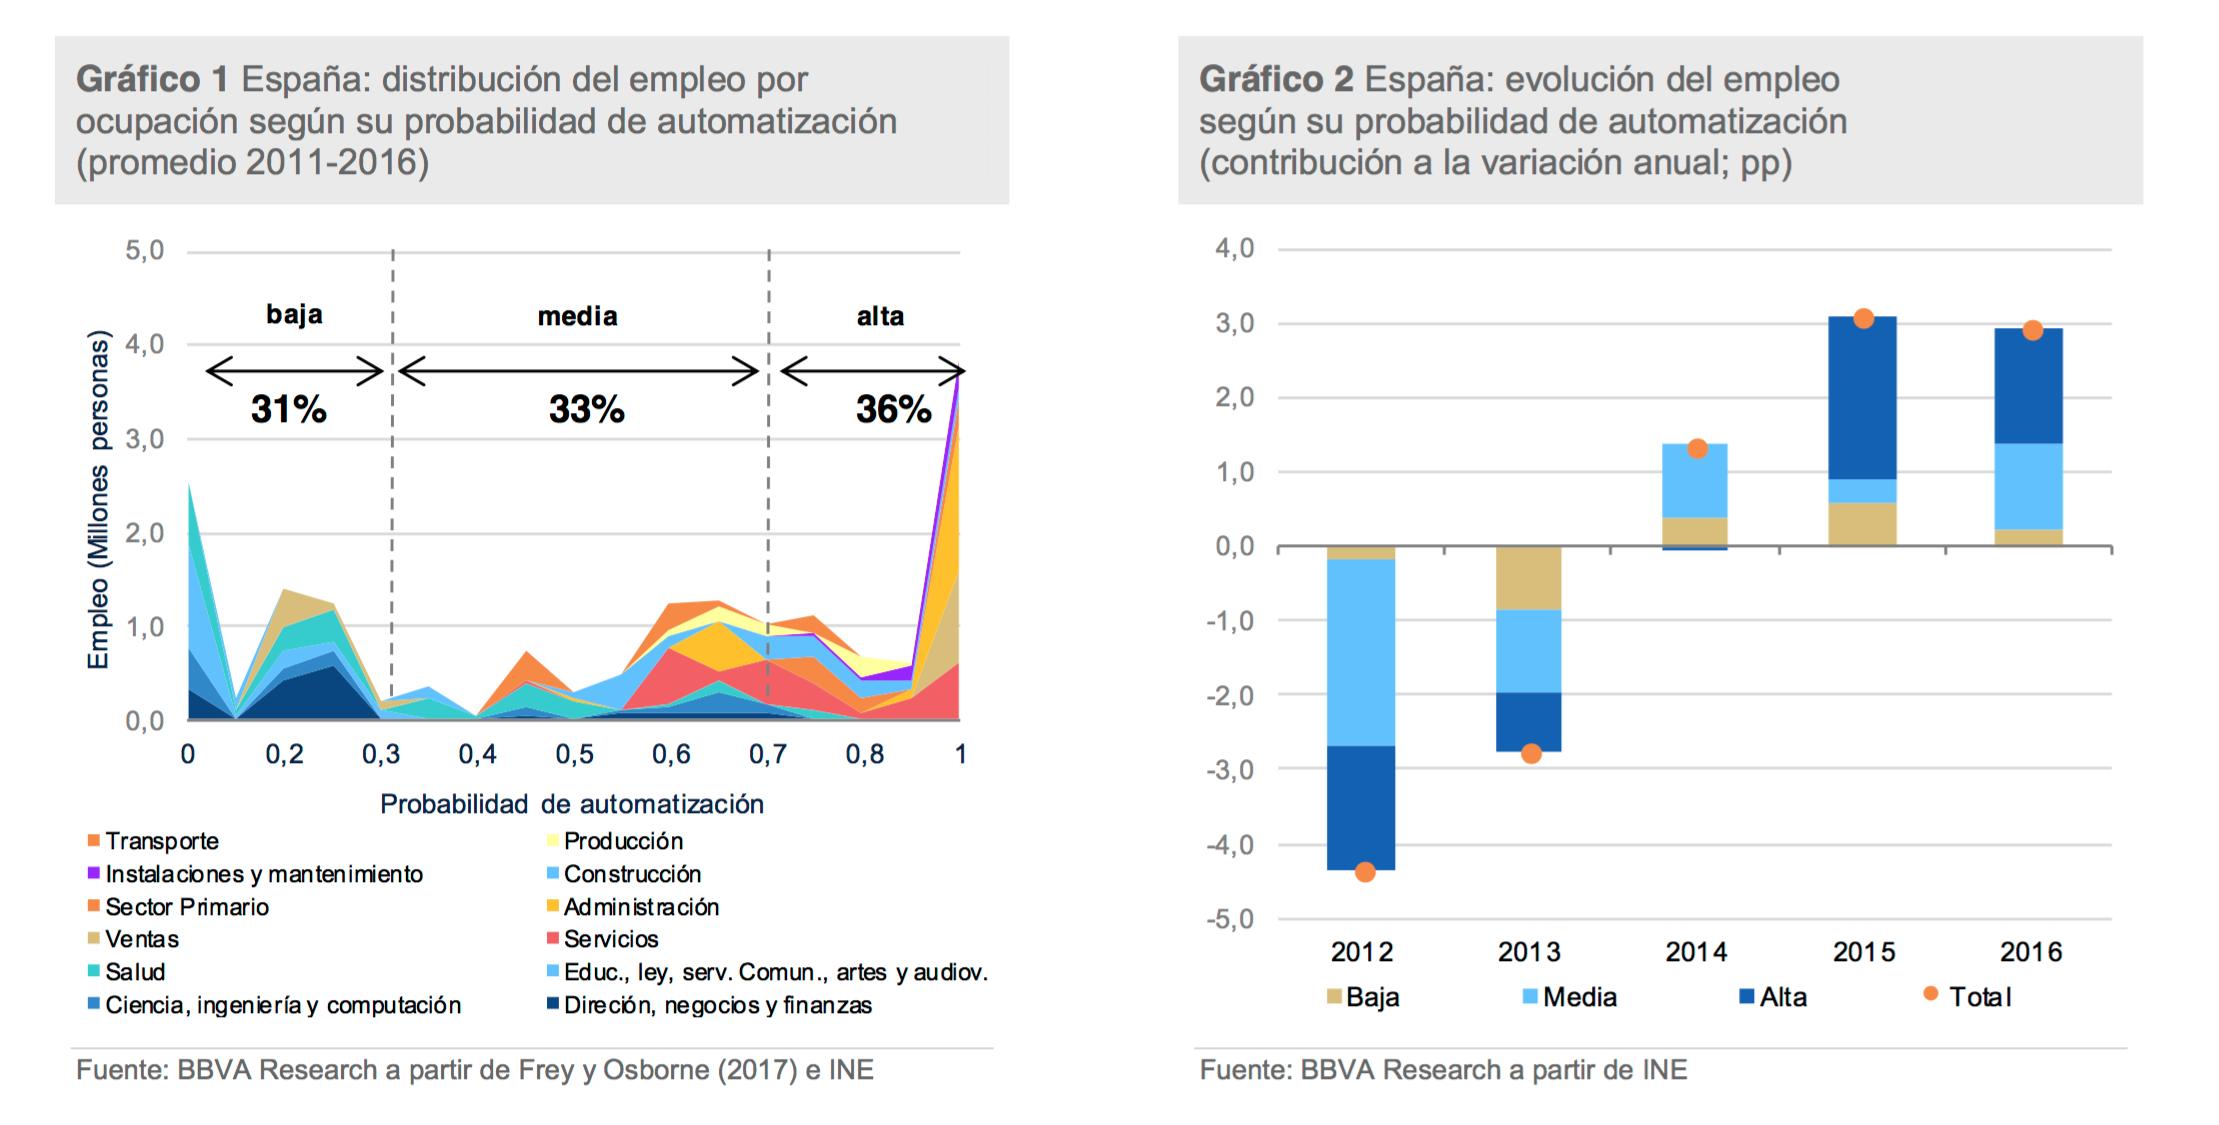 RIESGO-AUTOMATIZACION-ESPANA.png